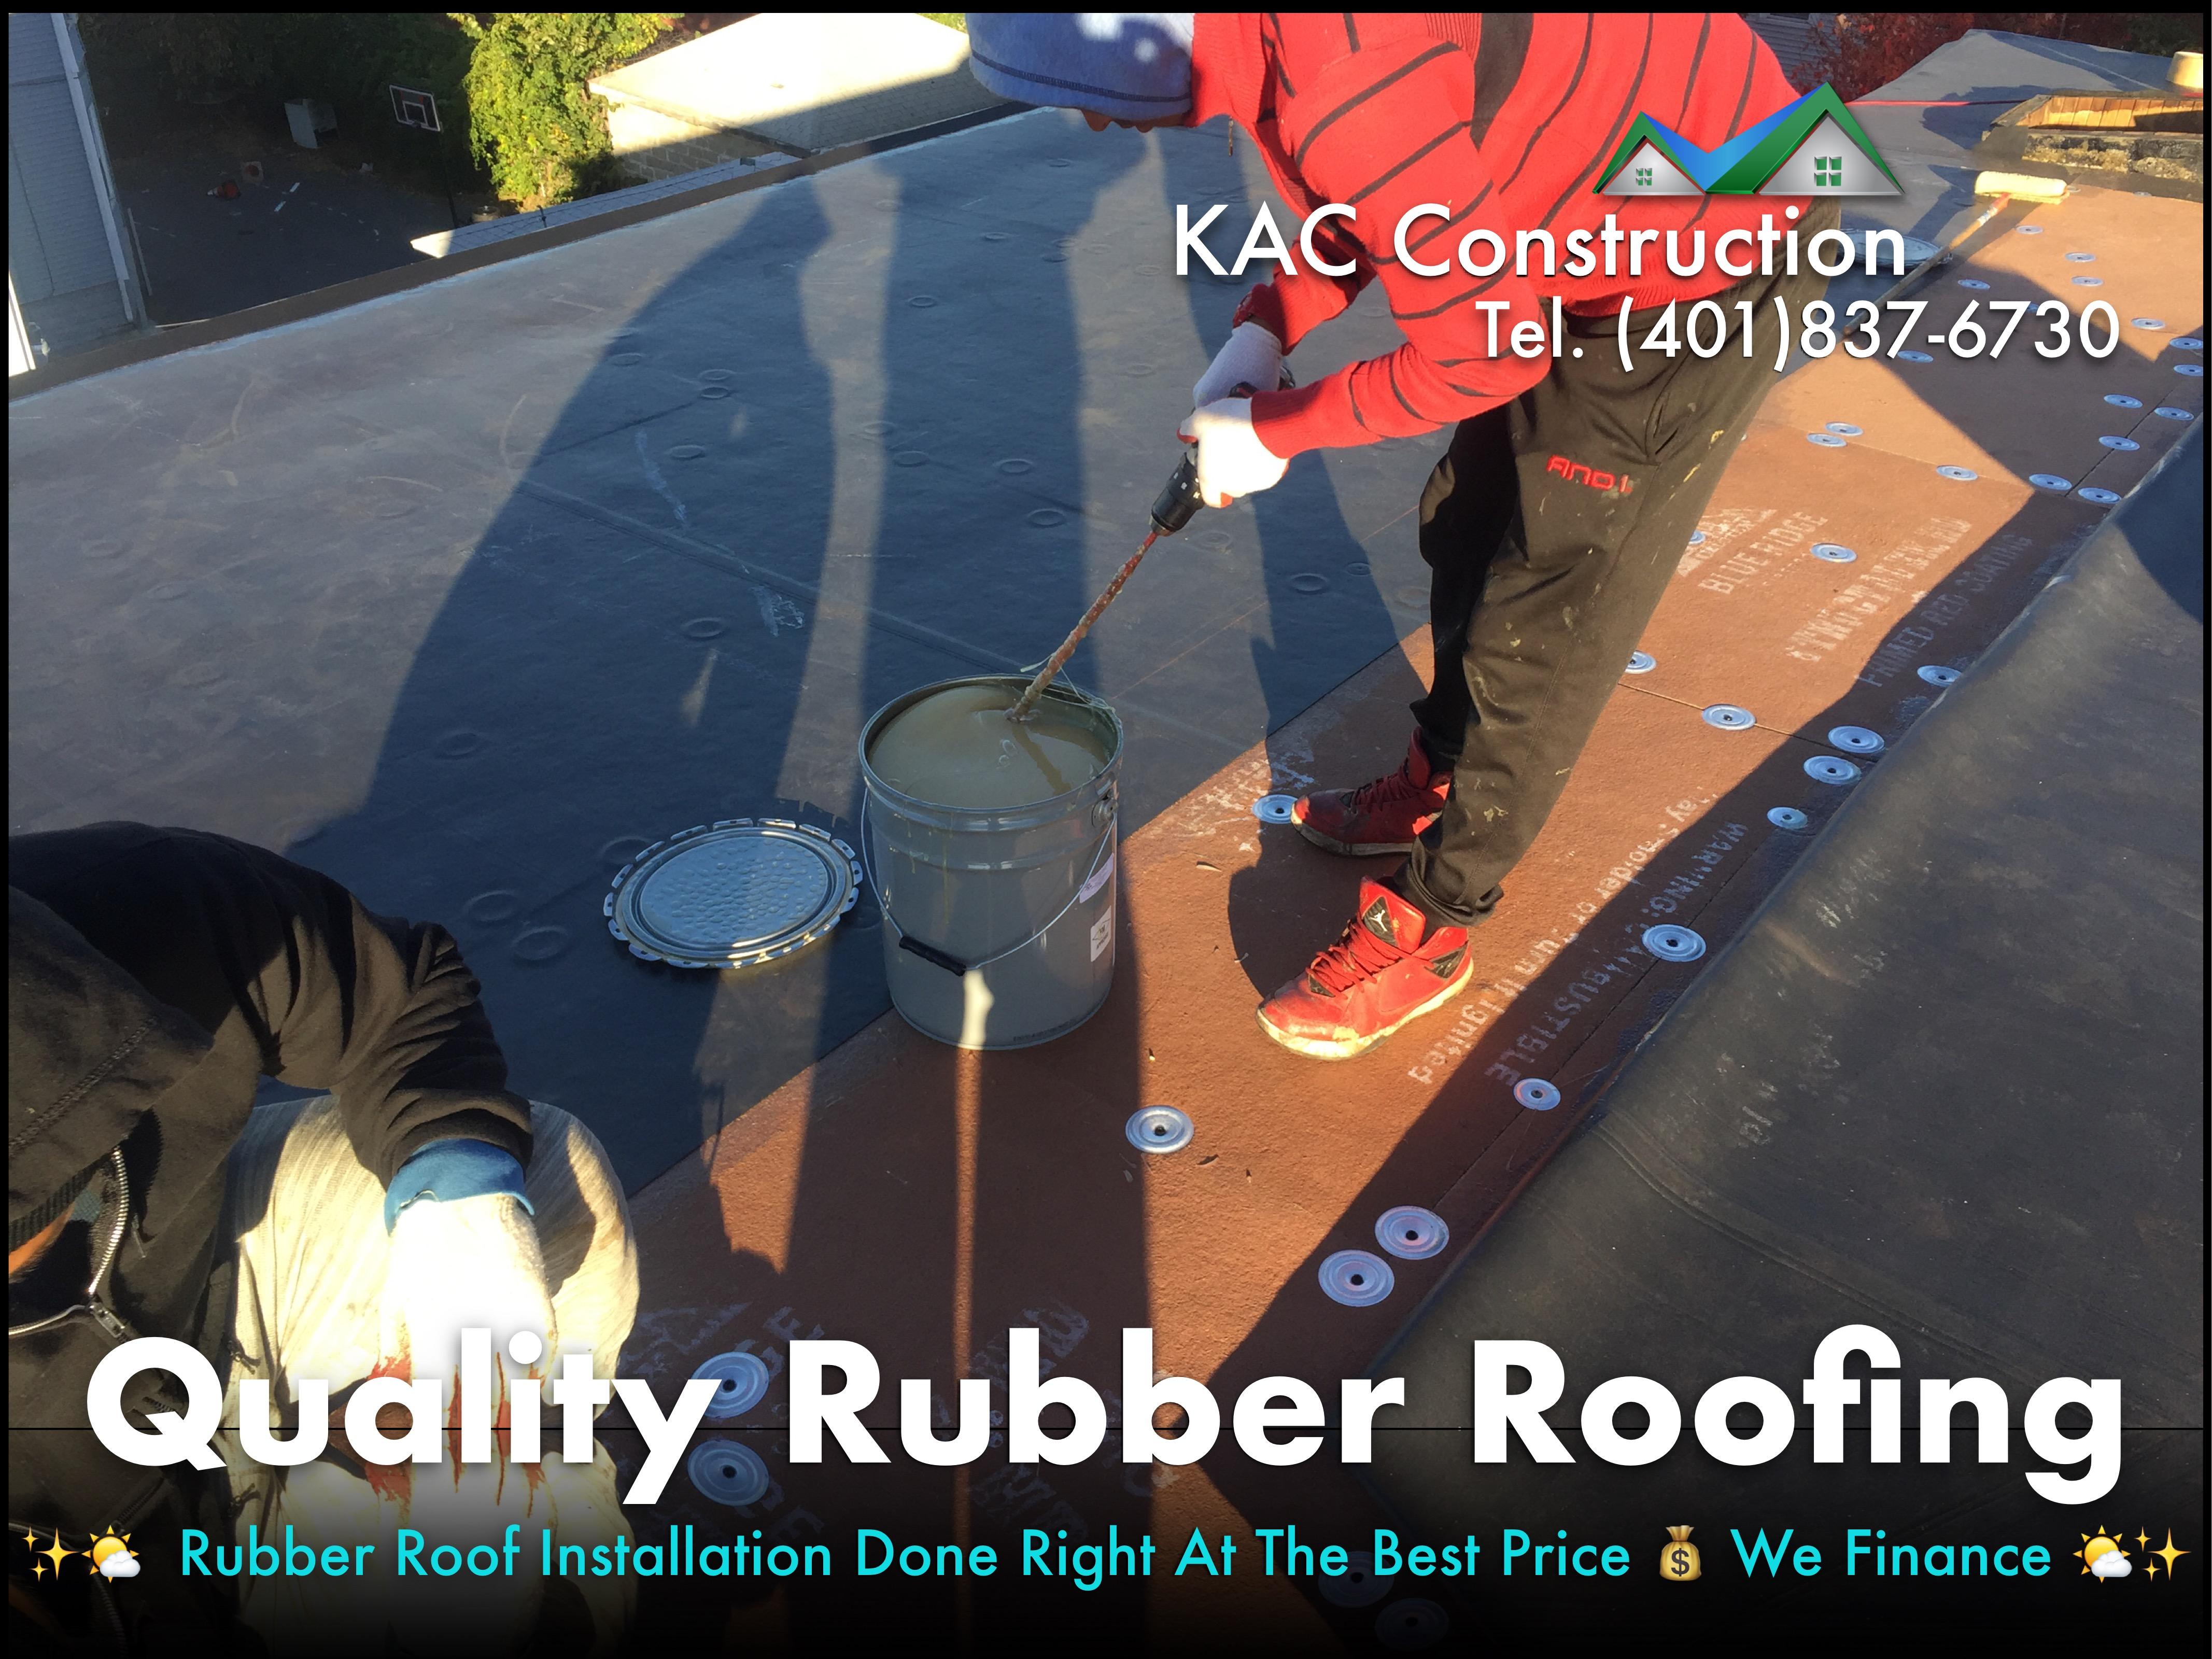 Rubber roof, rubber roof ri, rubber roof Installation, rubber roof Installation ri, rubber roof Installation in RI, rubber roof contractor ri, rubber roof repair ri,